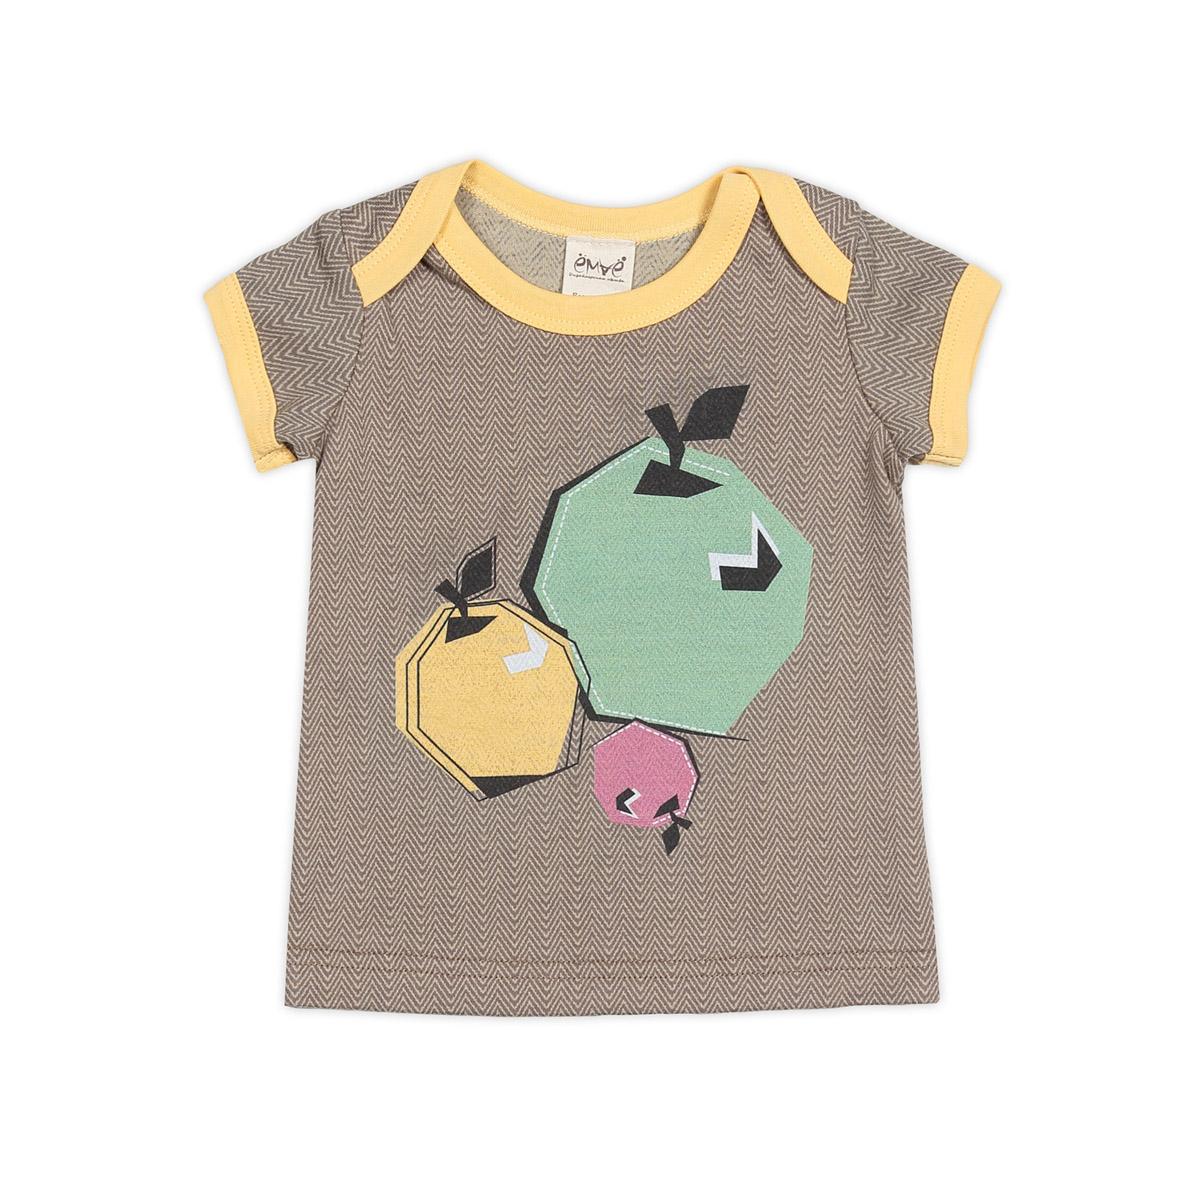 Футболка Ёмаё Кони в яблоках (27-216) рост 74 набивка с желтым<br>